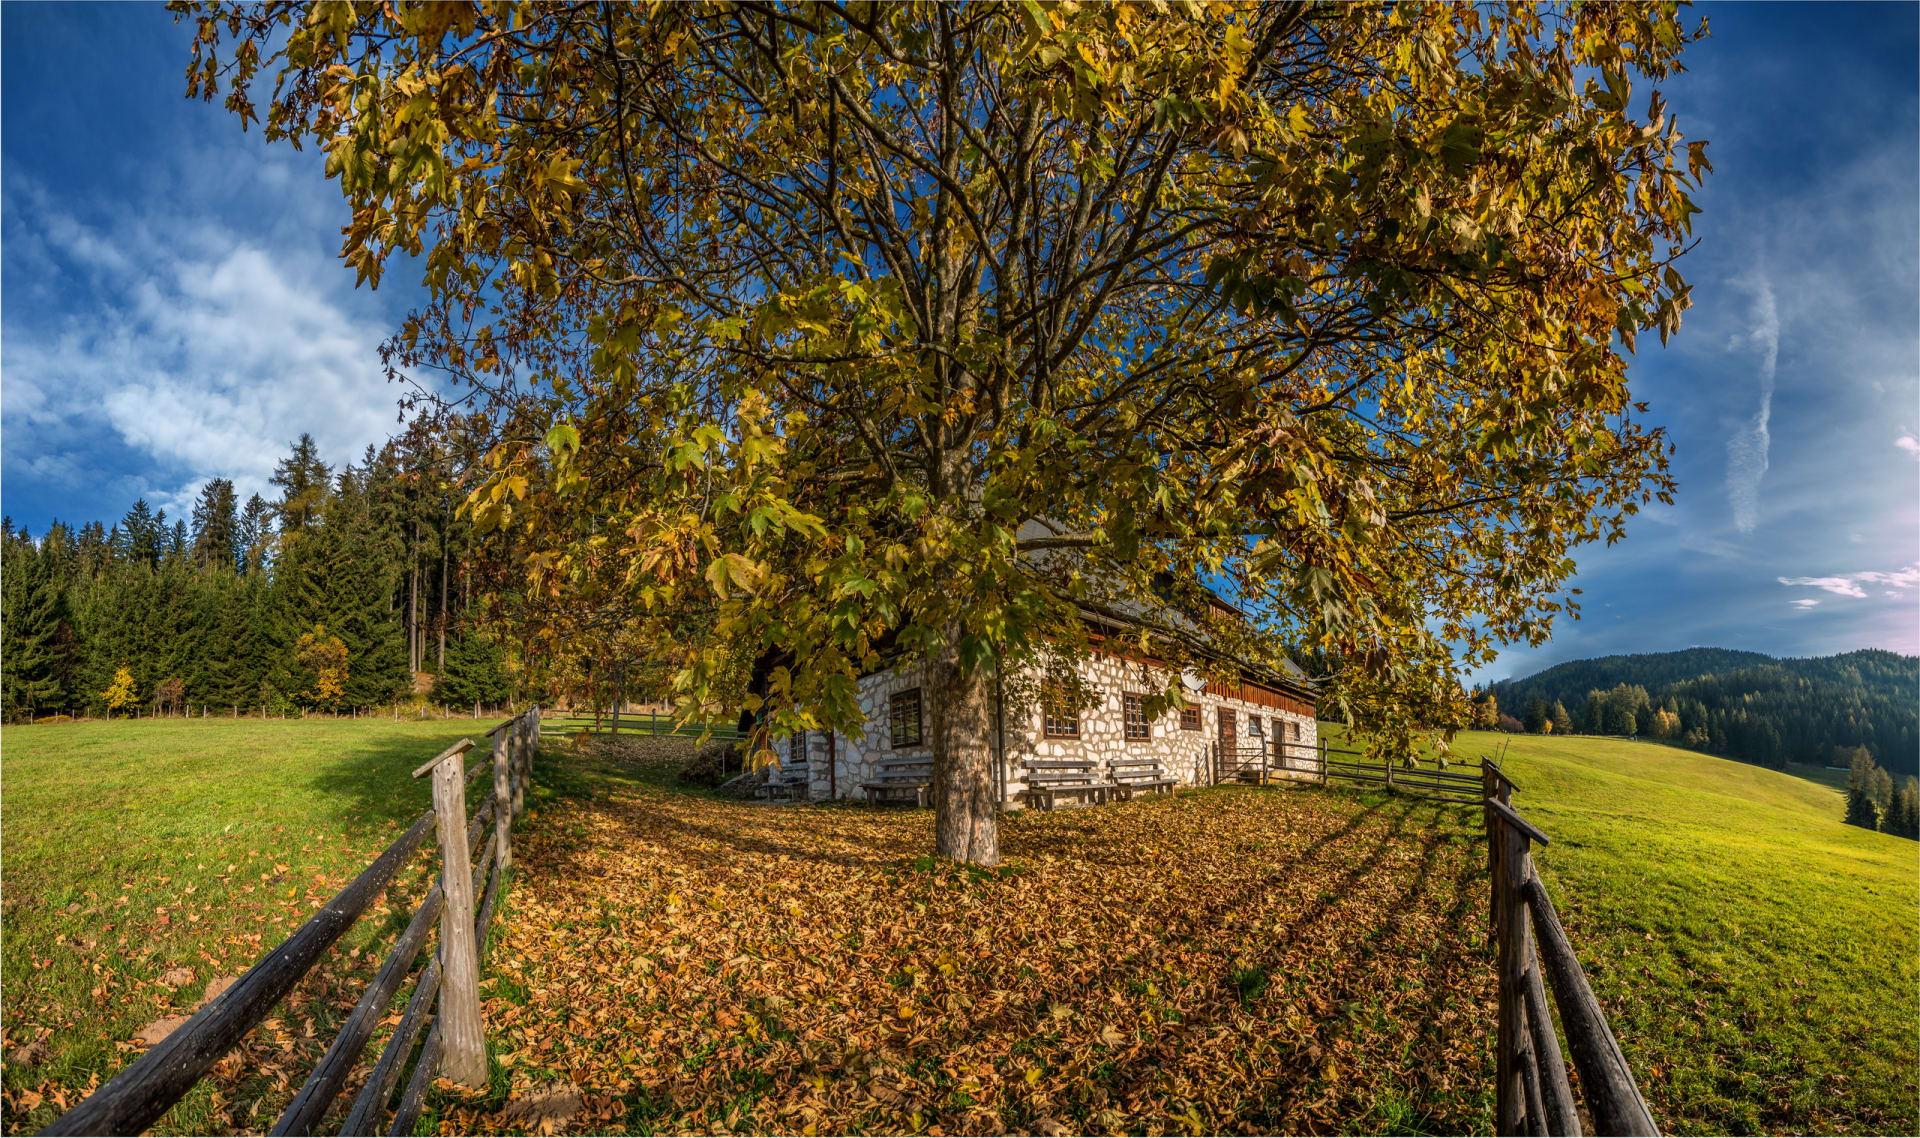 Herbst in Kaltstuben